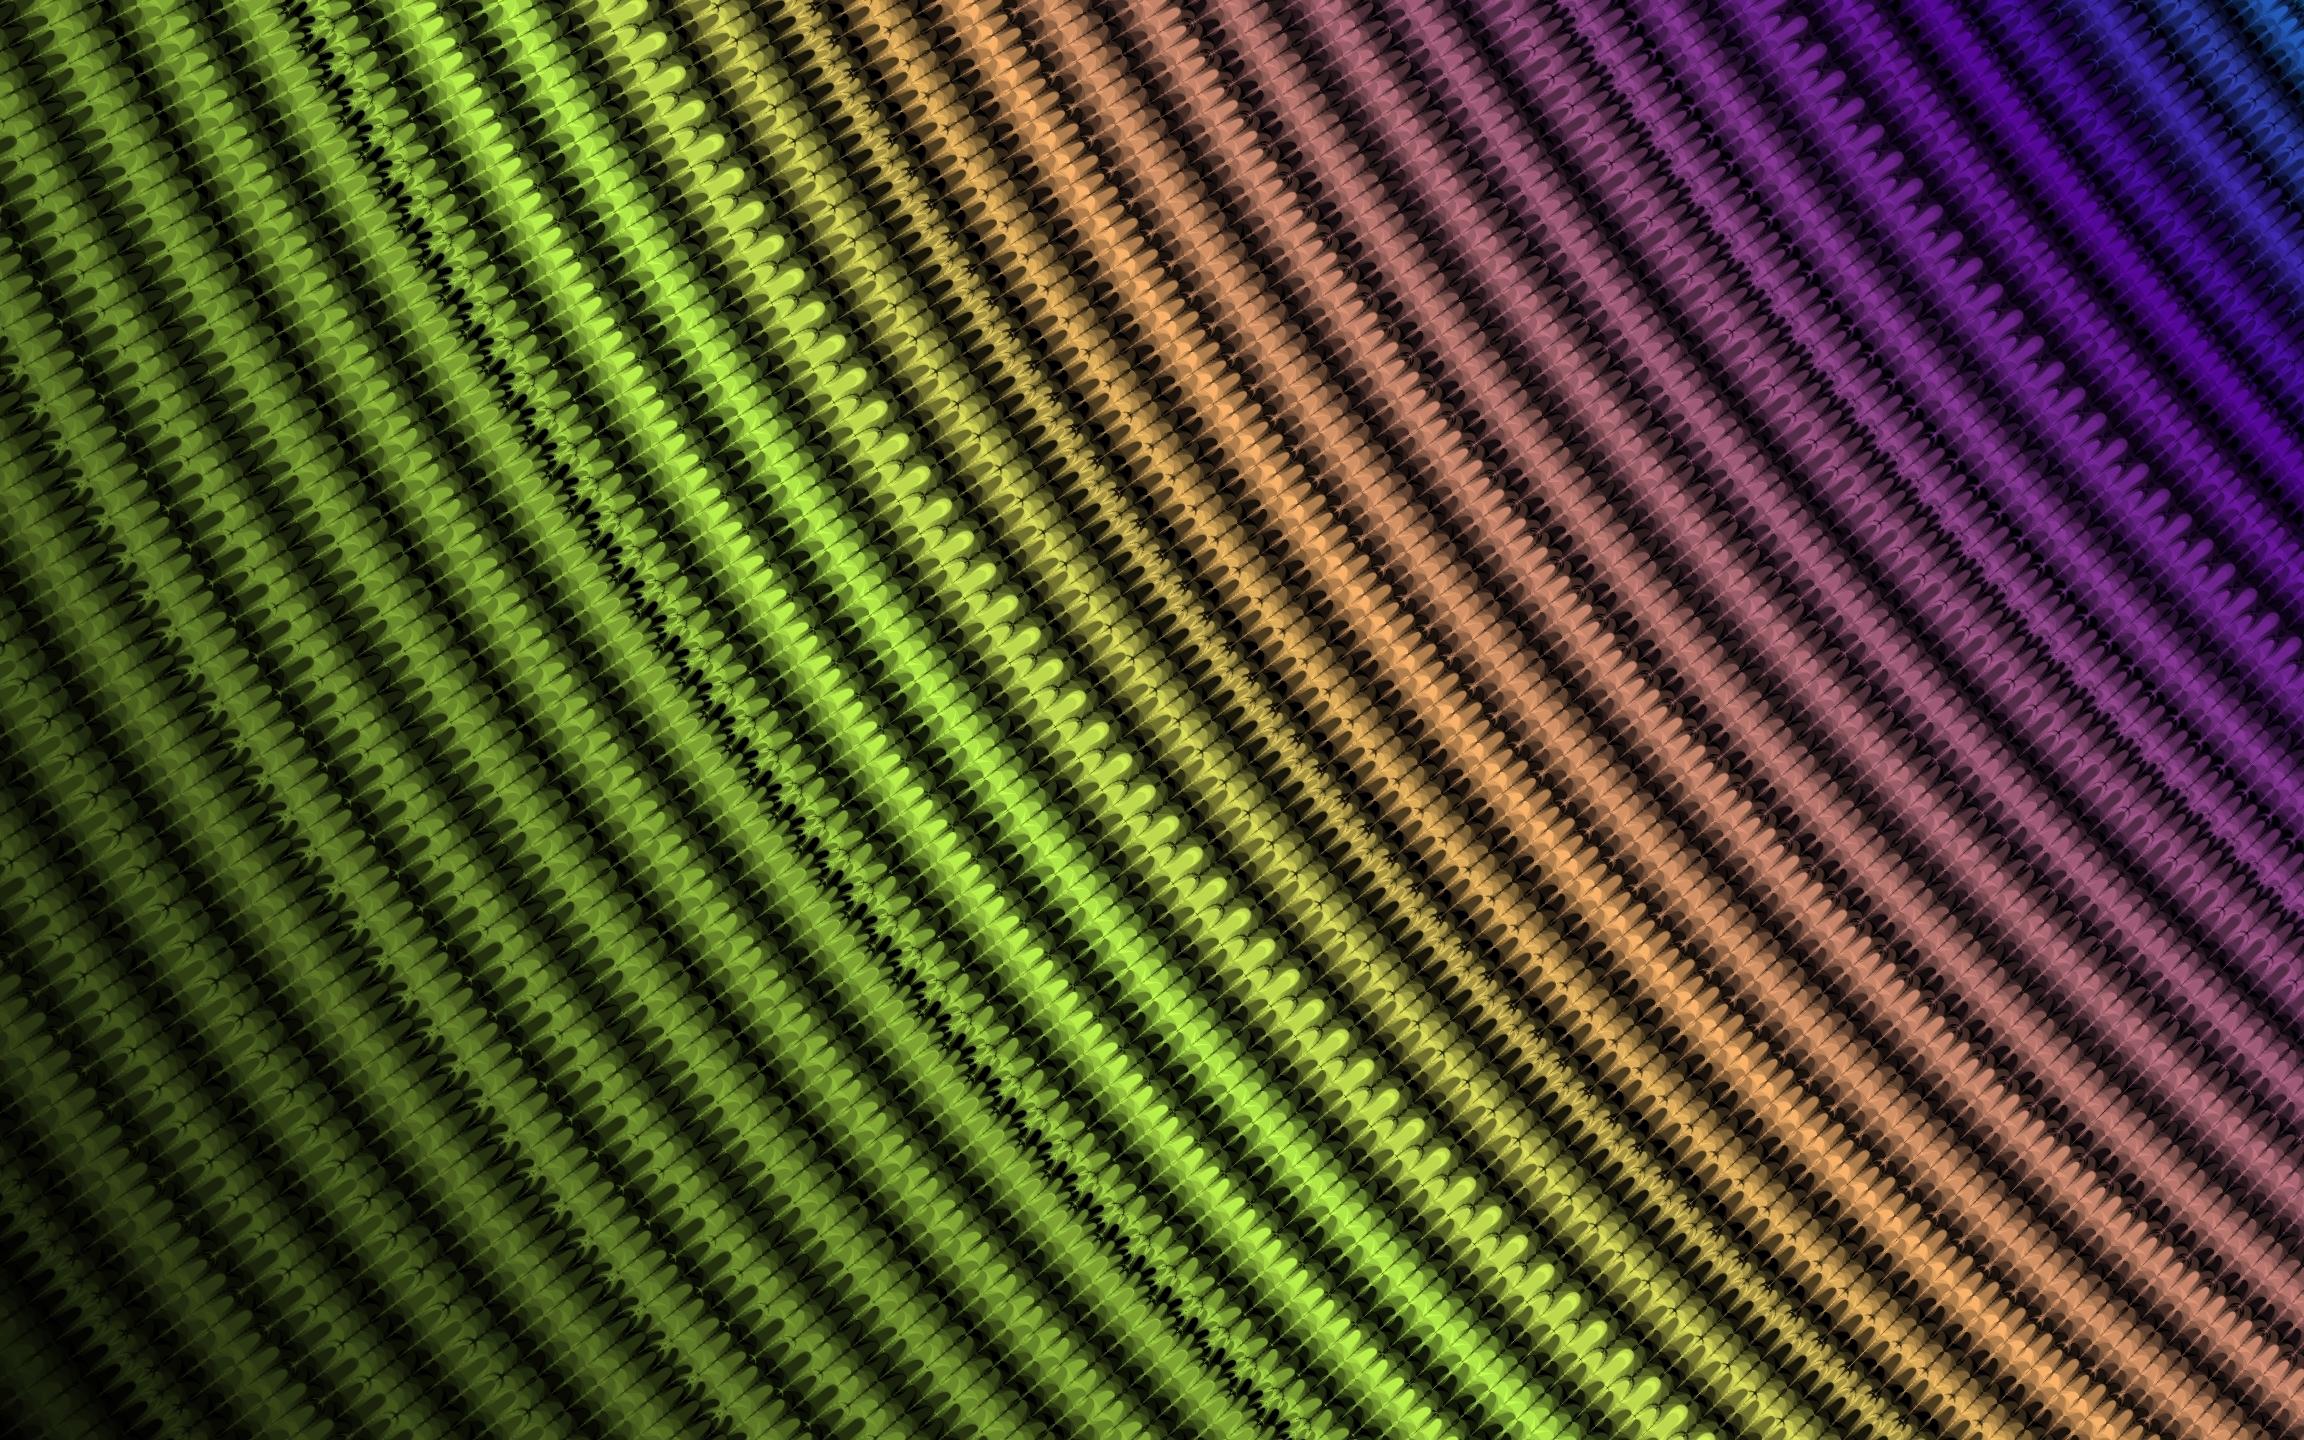 136632 скачать обои Абстракция, Линии, Наискось, Фон, Форма, Разноцветный - заставки и картинки бесплатно